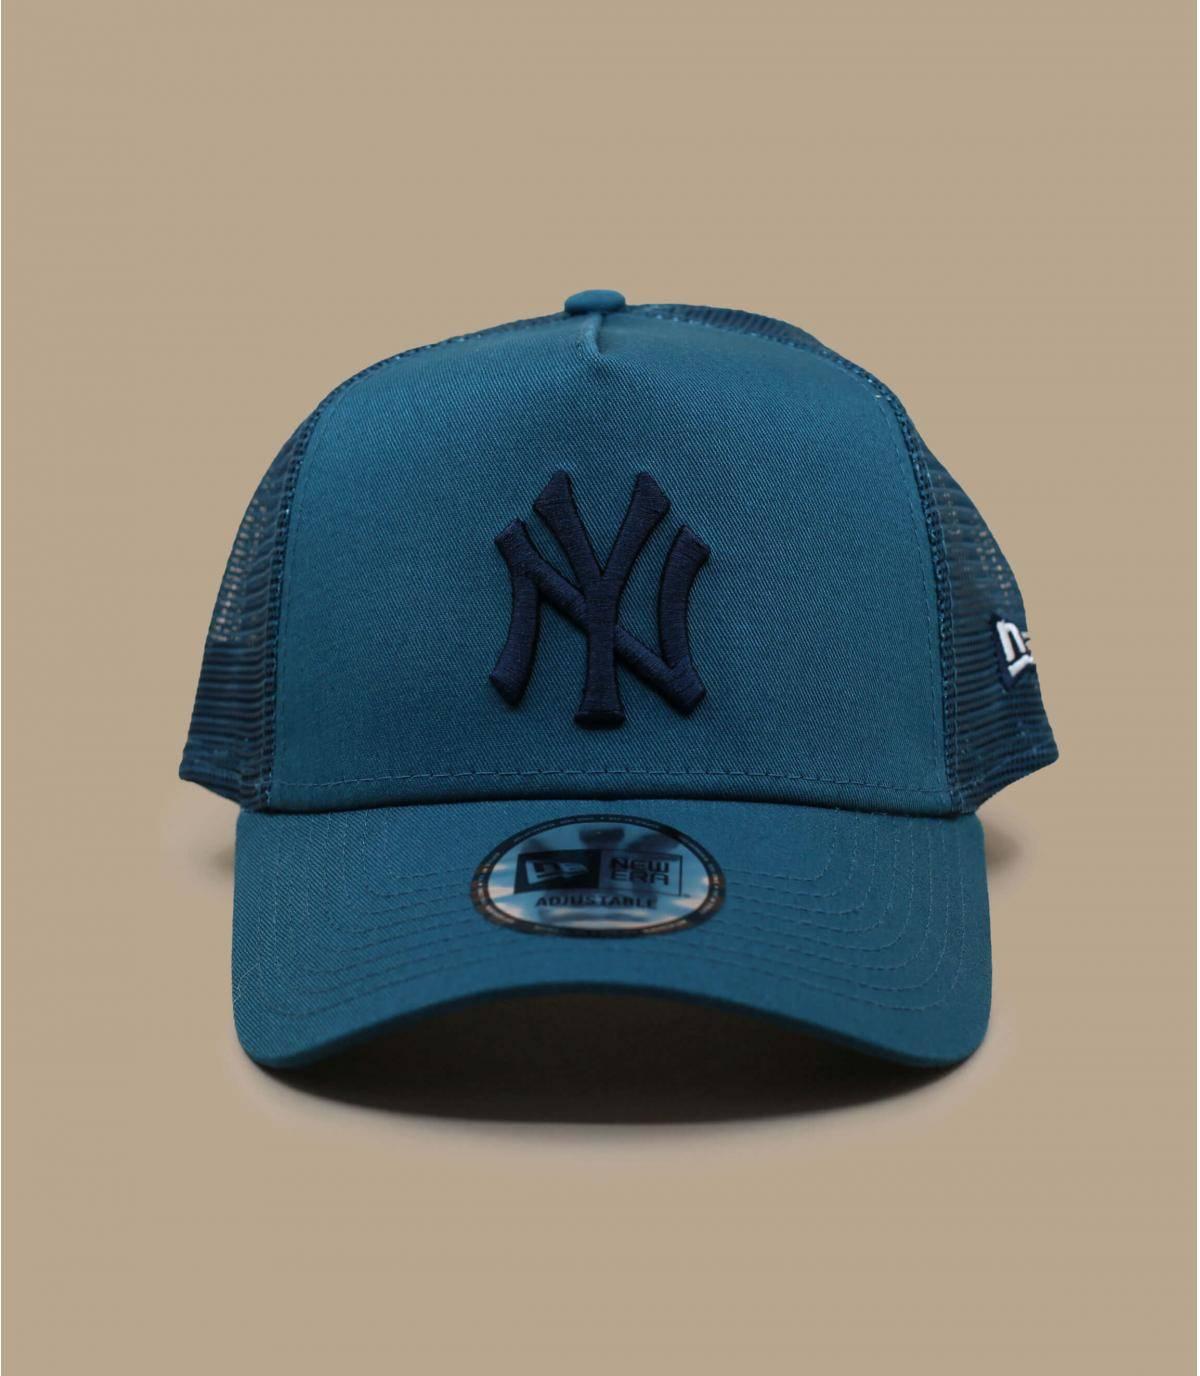 Détails Trucker League Ess NY cadet blue - image 2